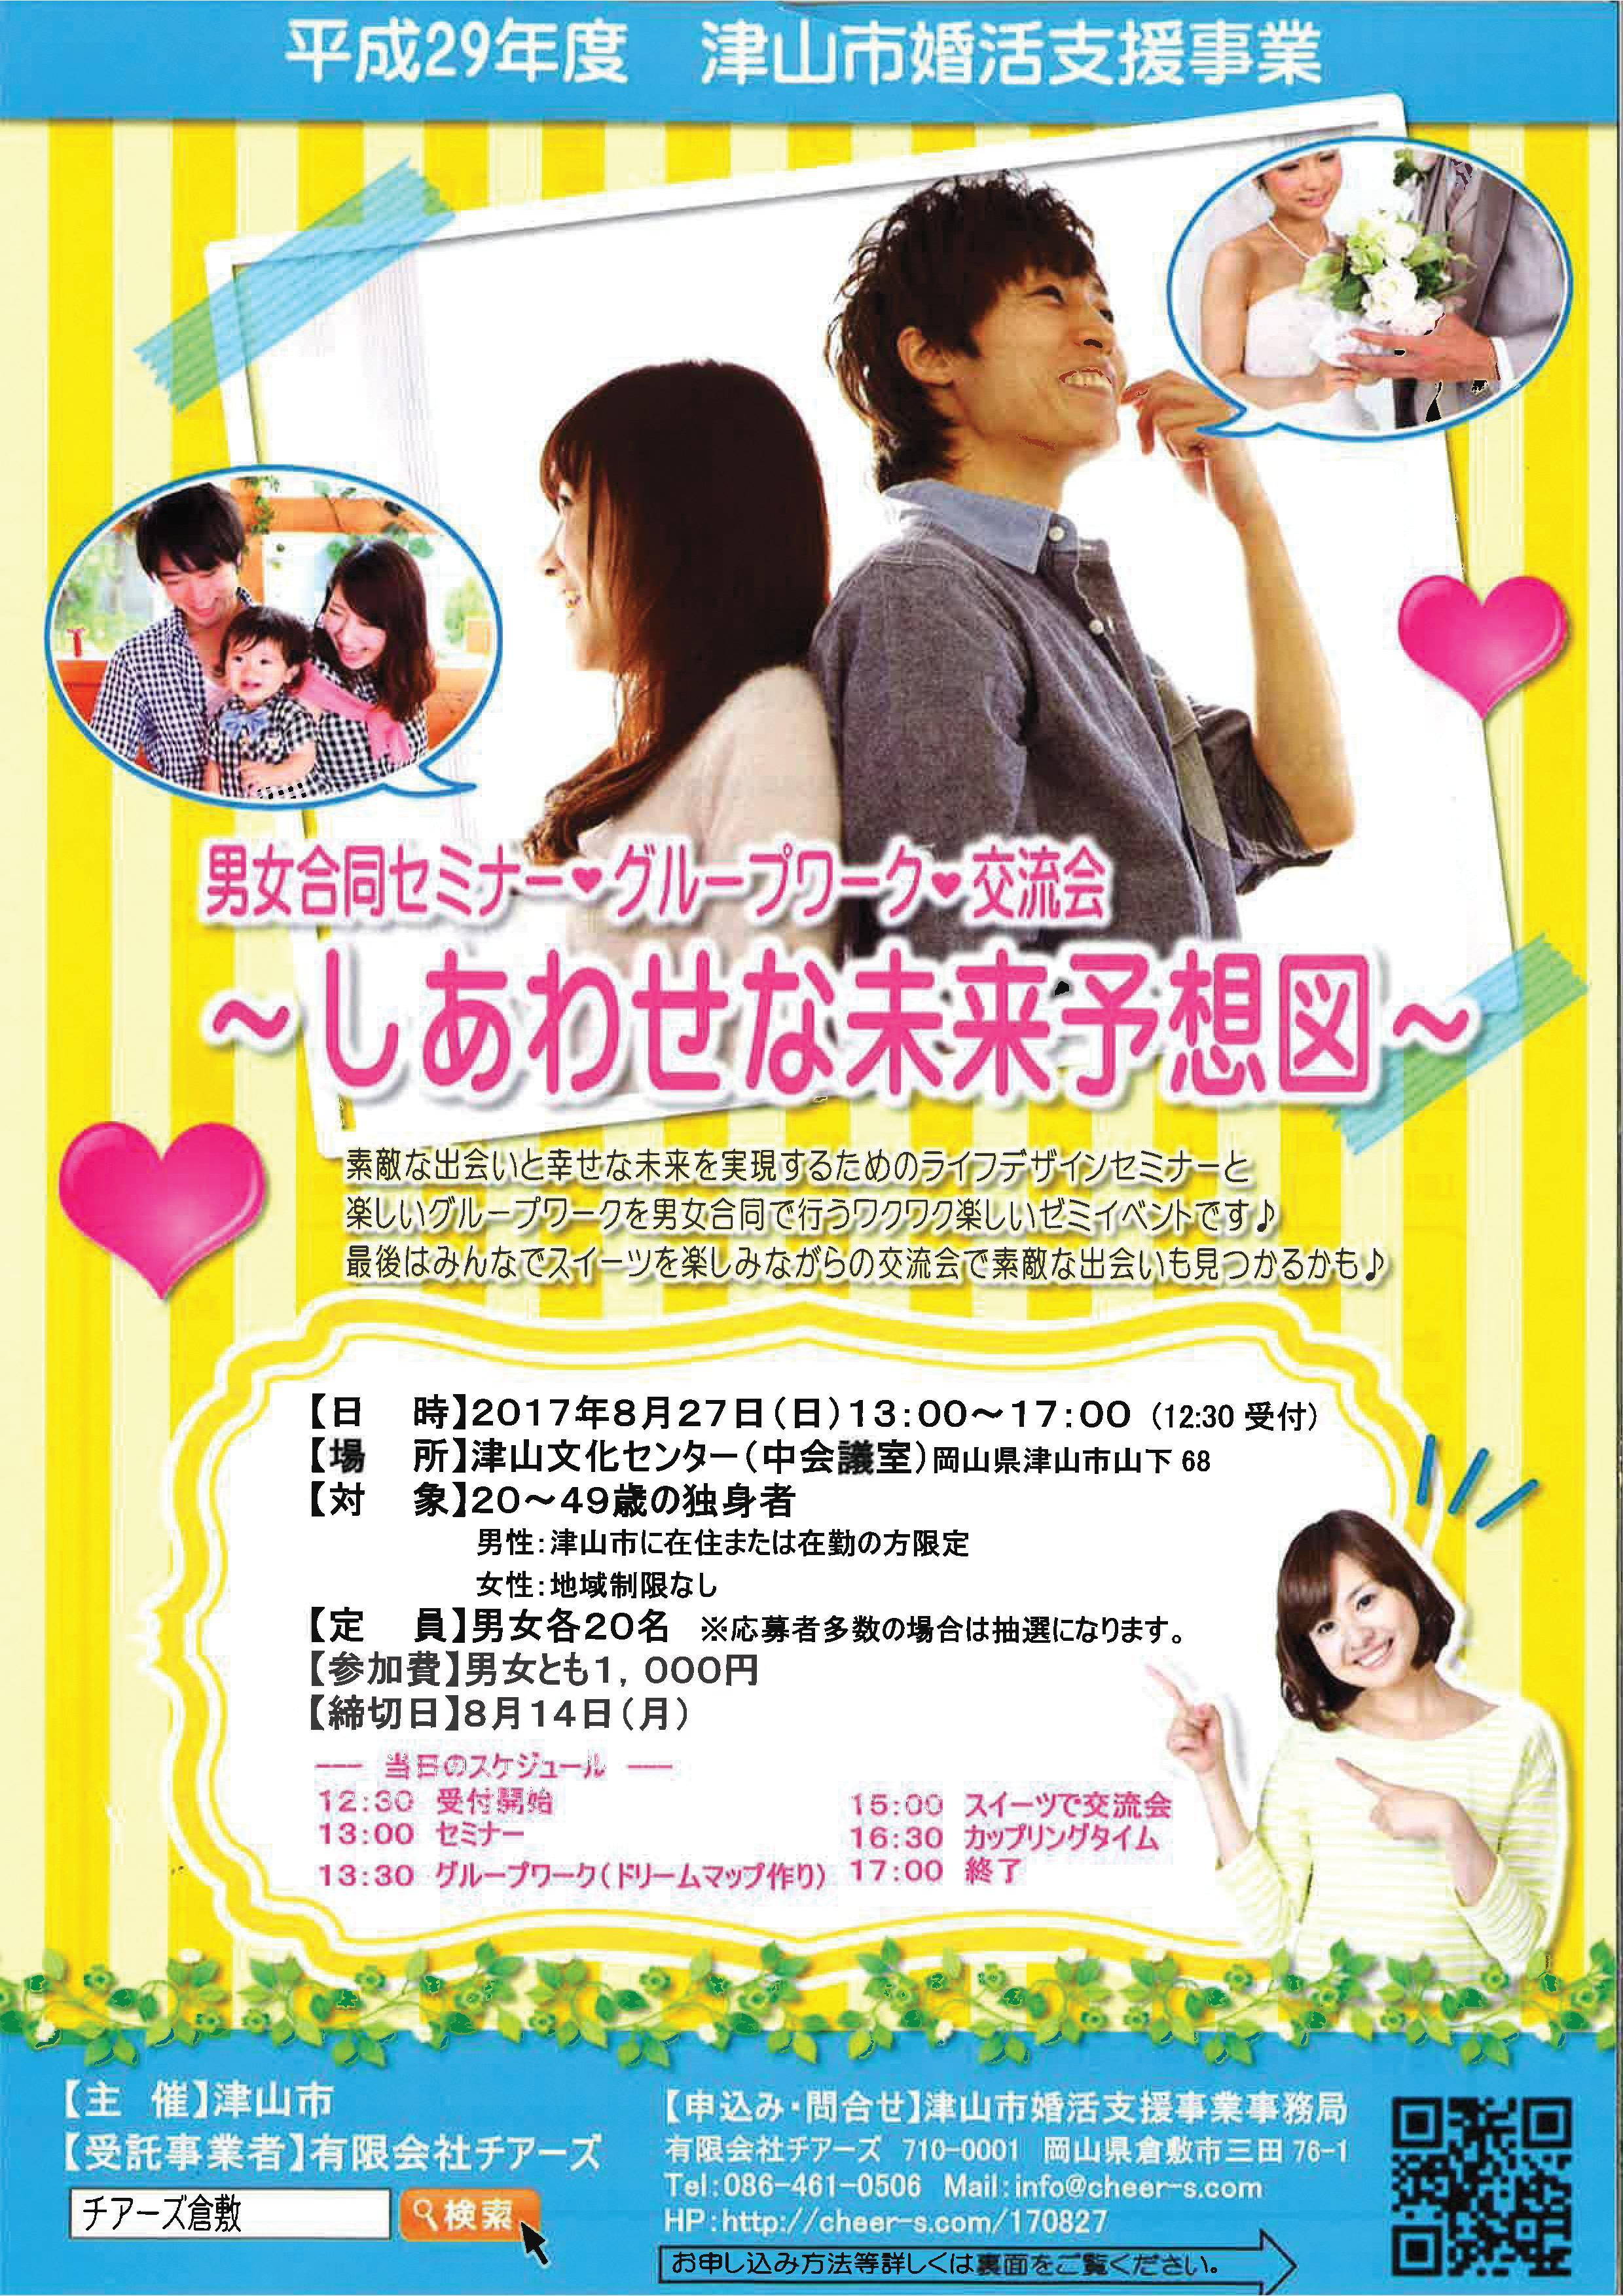 2017年8月27日(日)《津山市婚活支援事業》男女合同セミナーグループワーク交流会 開催のお知らせ